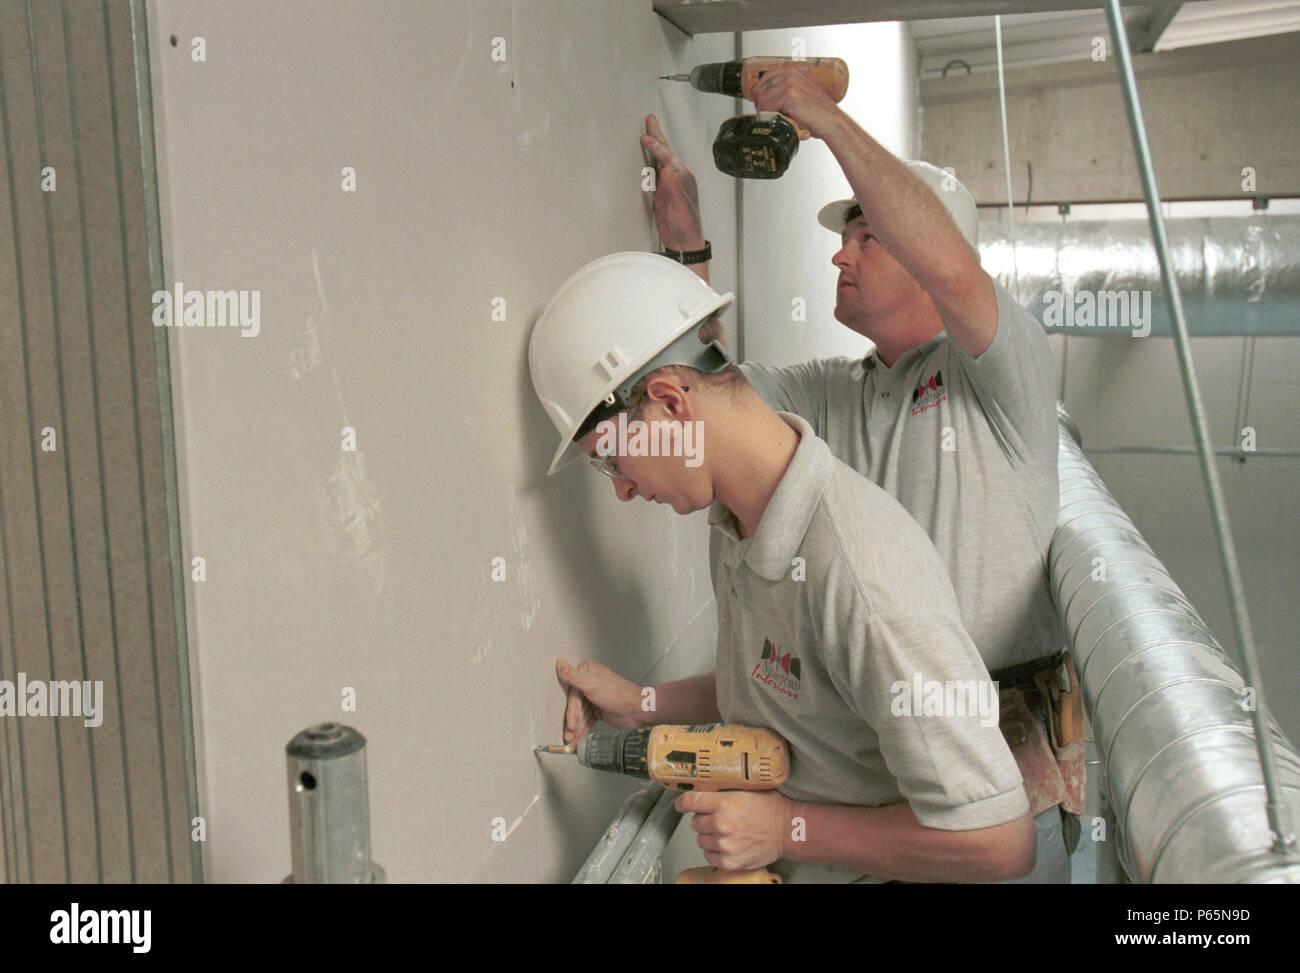 Partioning réinstallation. Pas de fixation des panneaux de placoplâtre pré-décorées. Banque D'Images